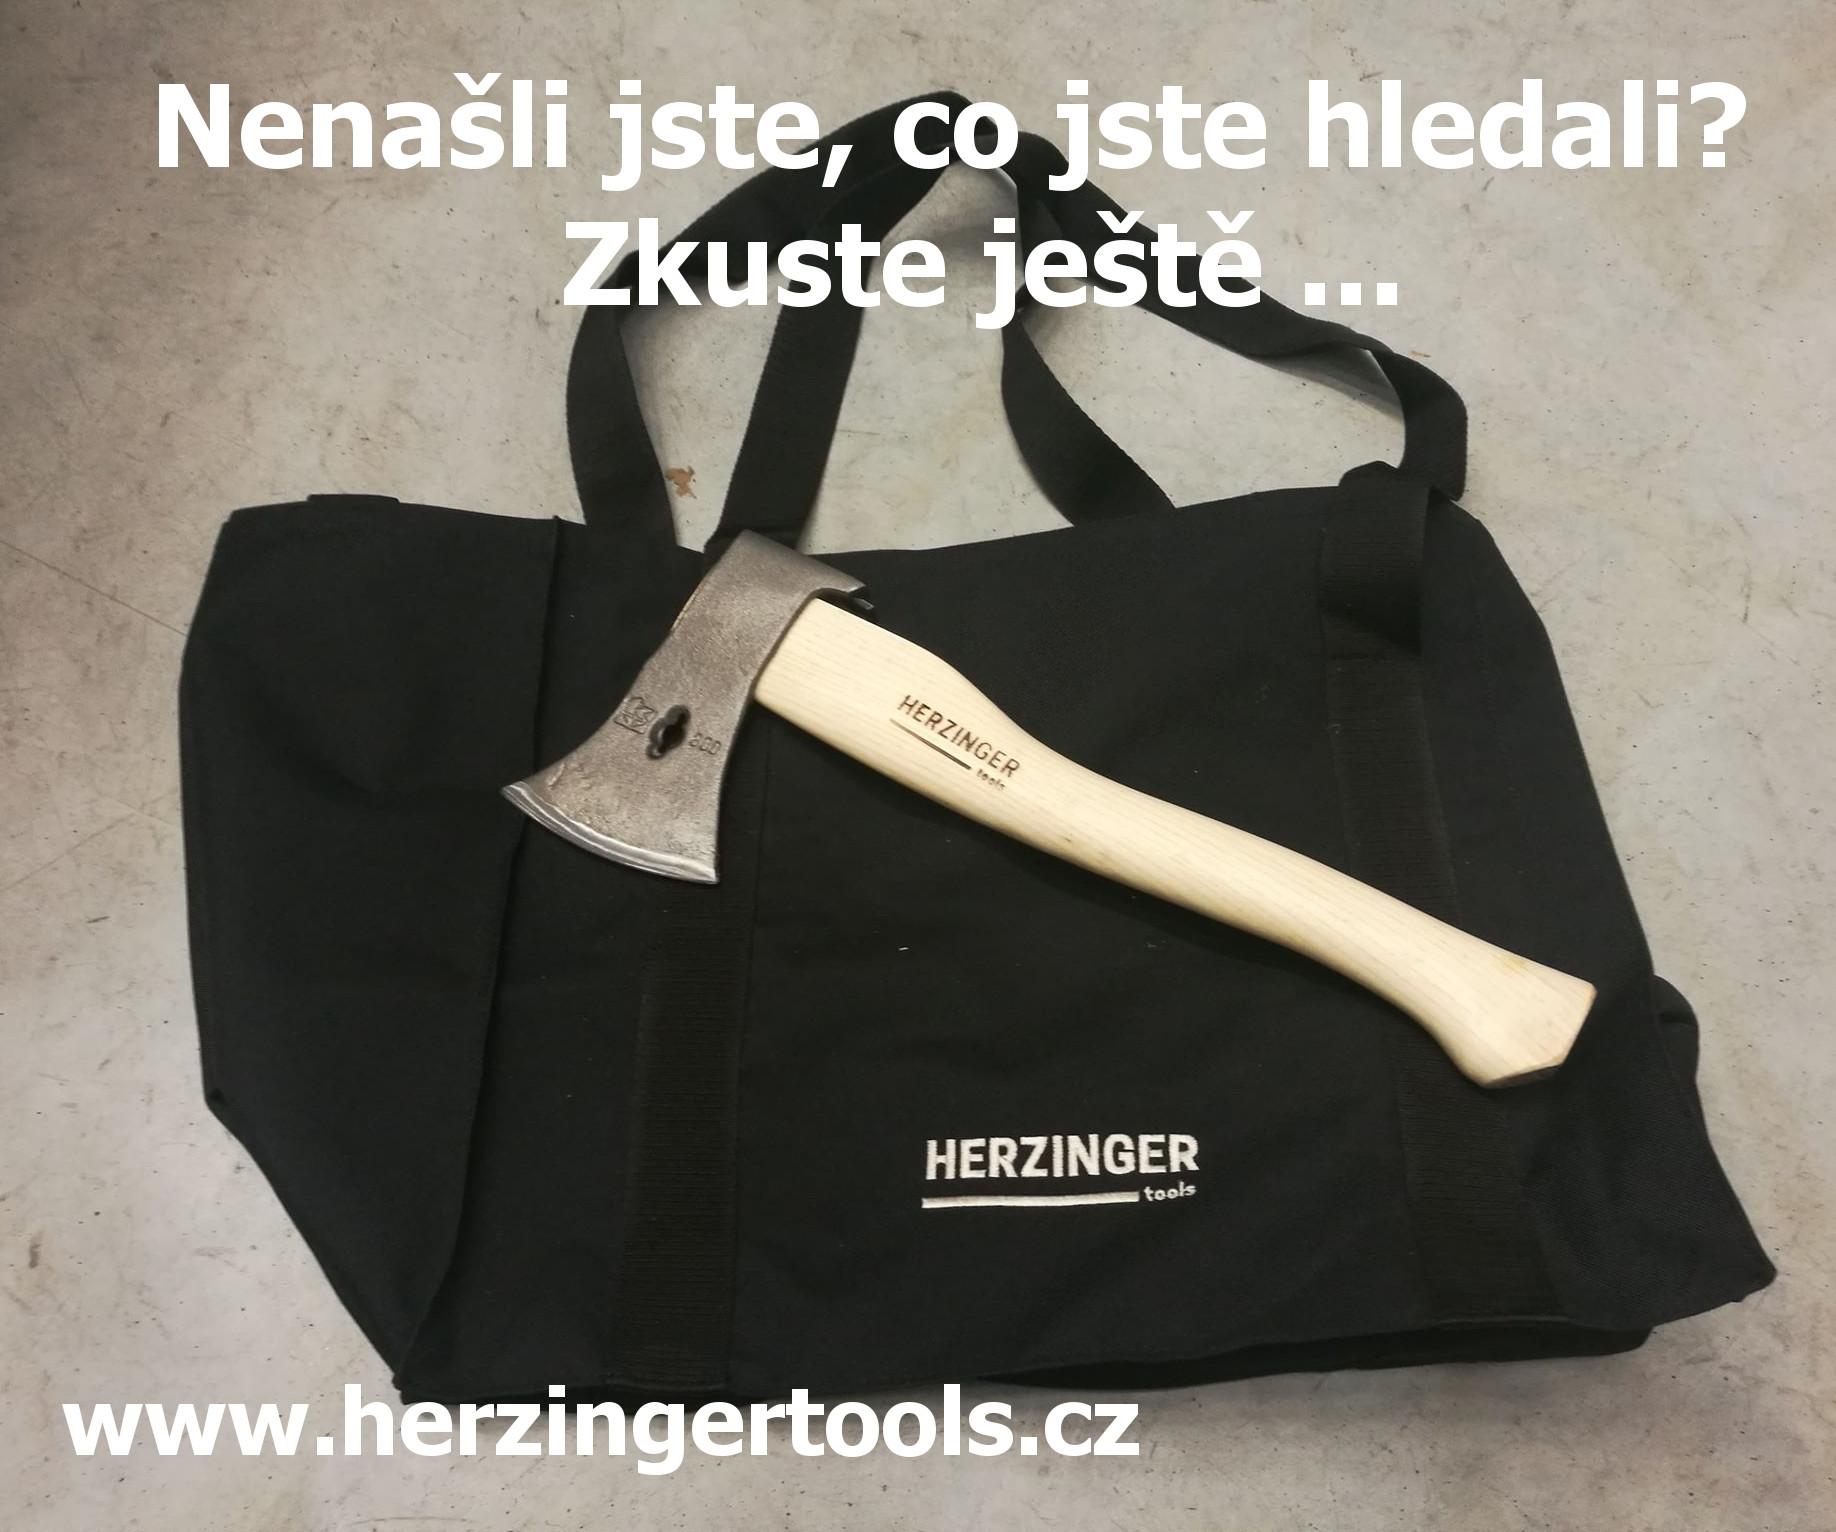 ZHerzinger tools